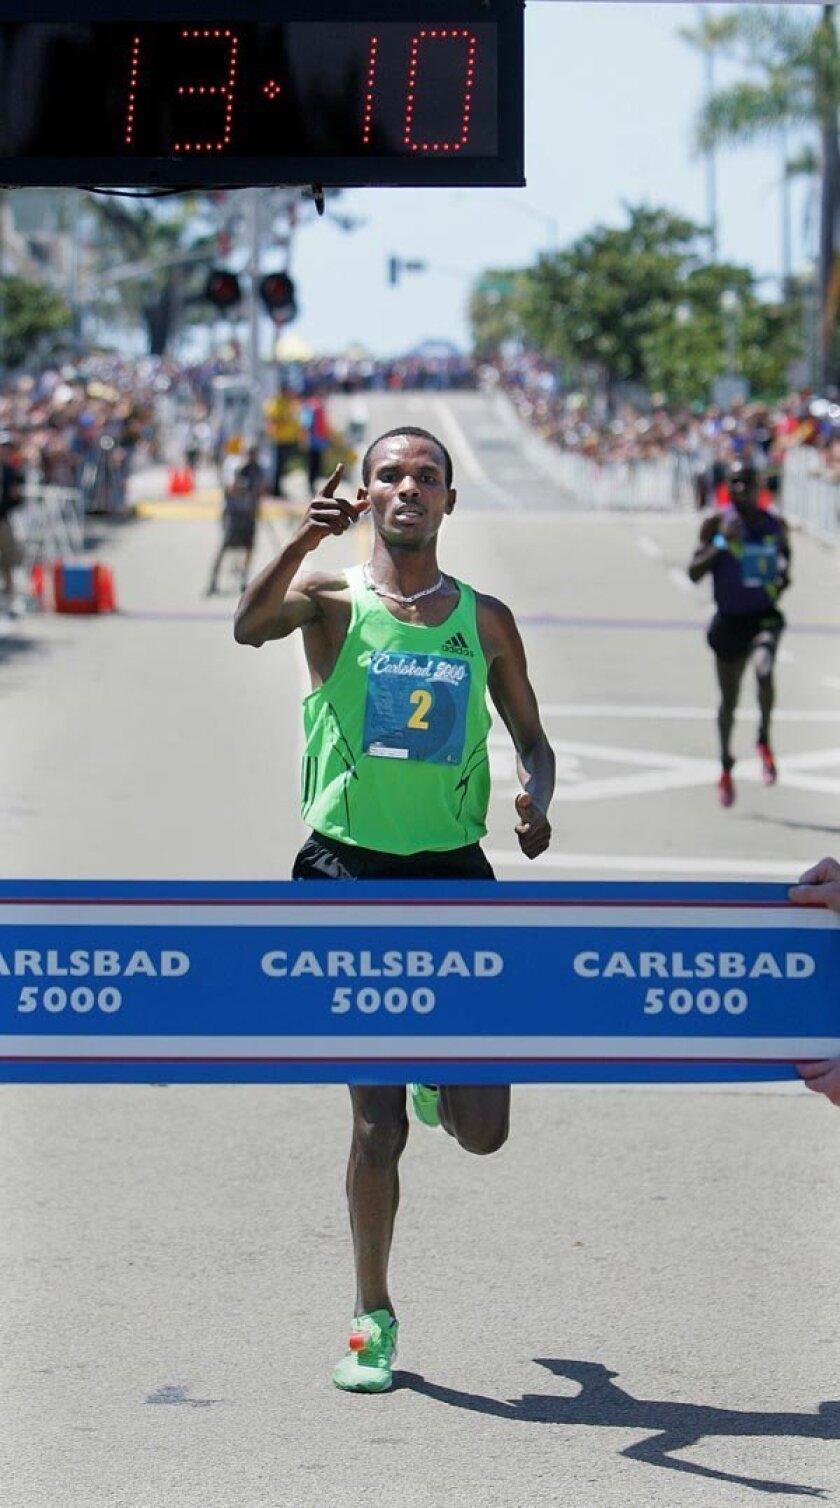 Elite Men racer Dejen Gebremeskel of Ethiopia wins.